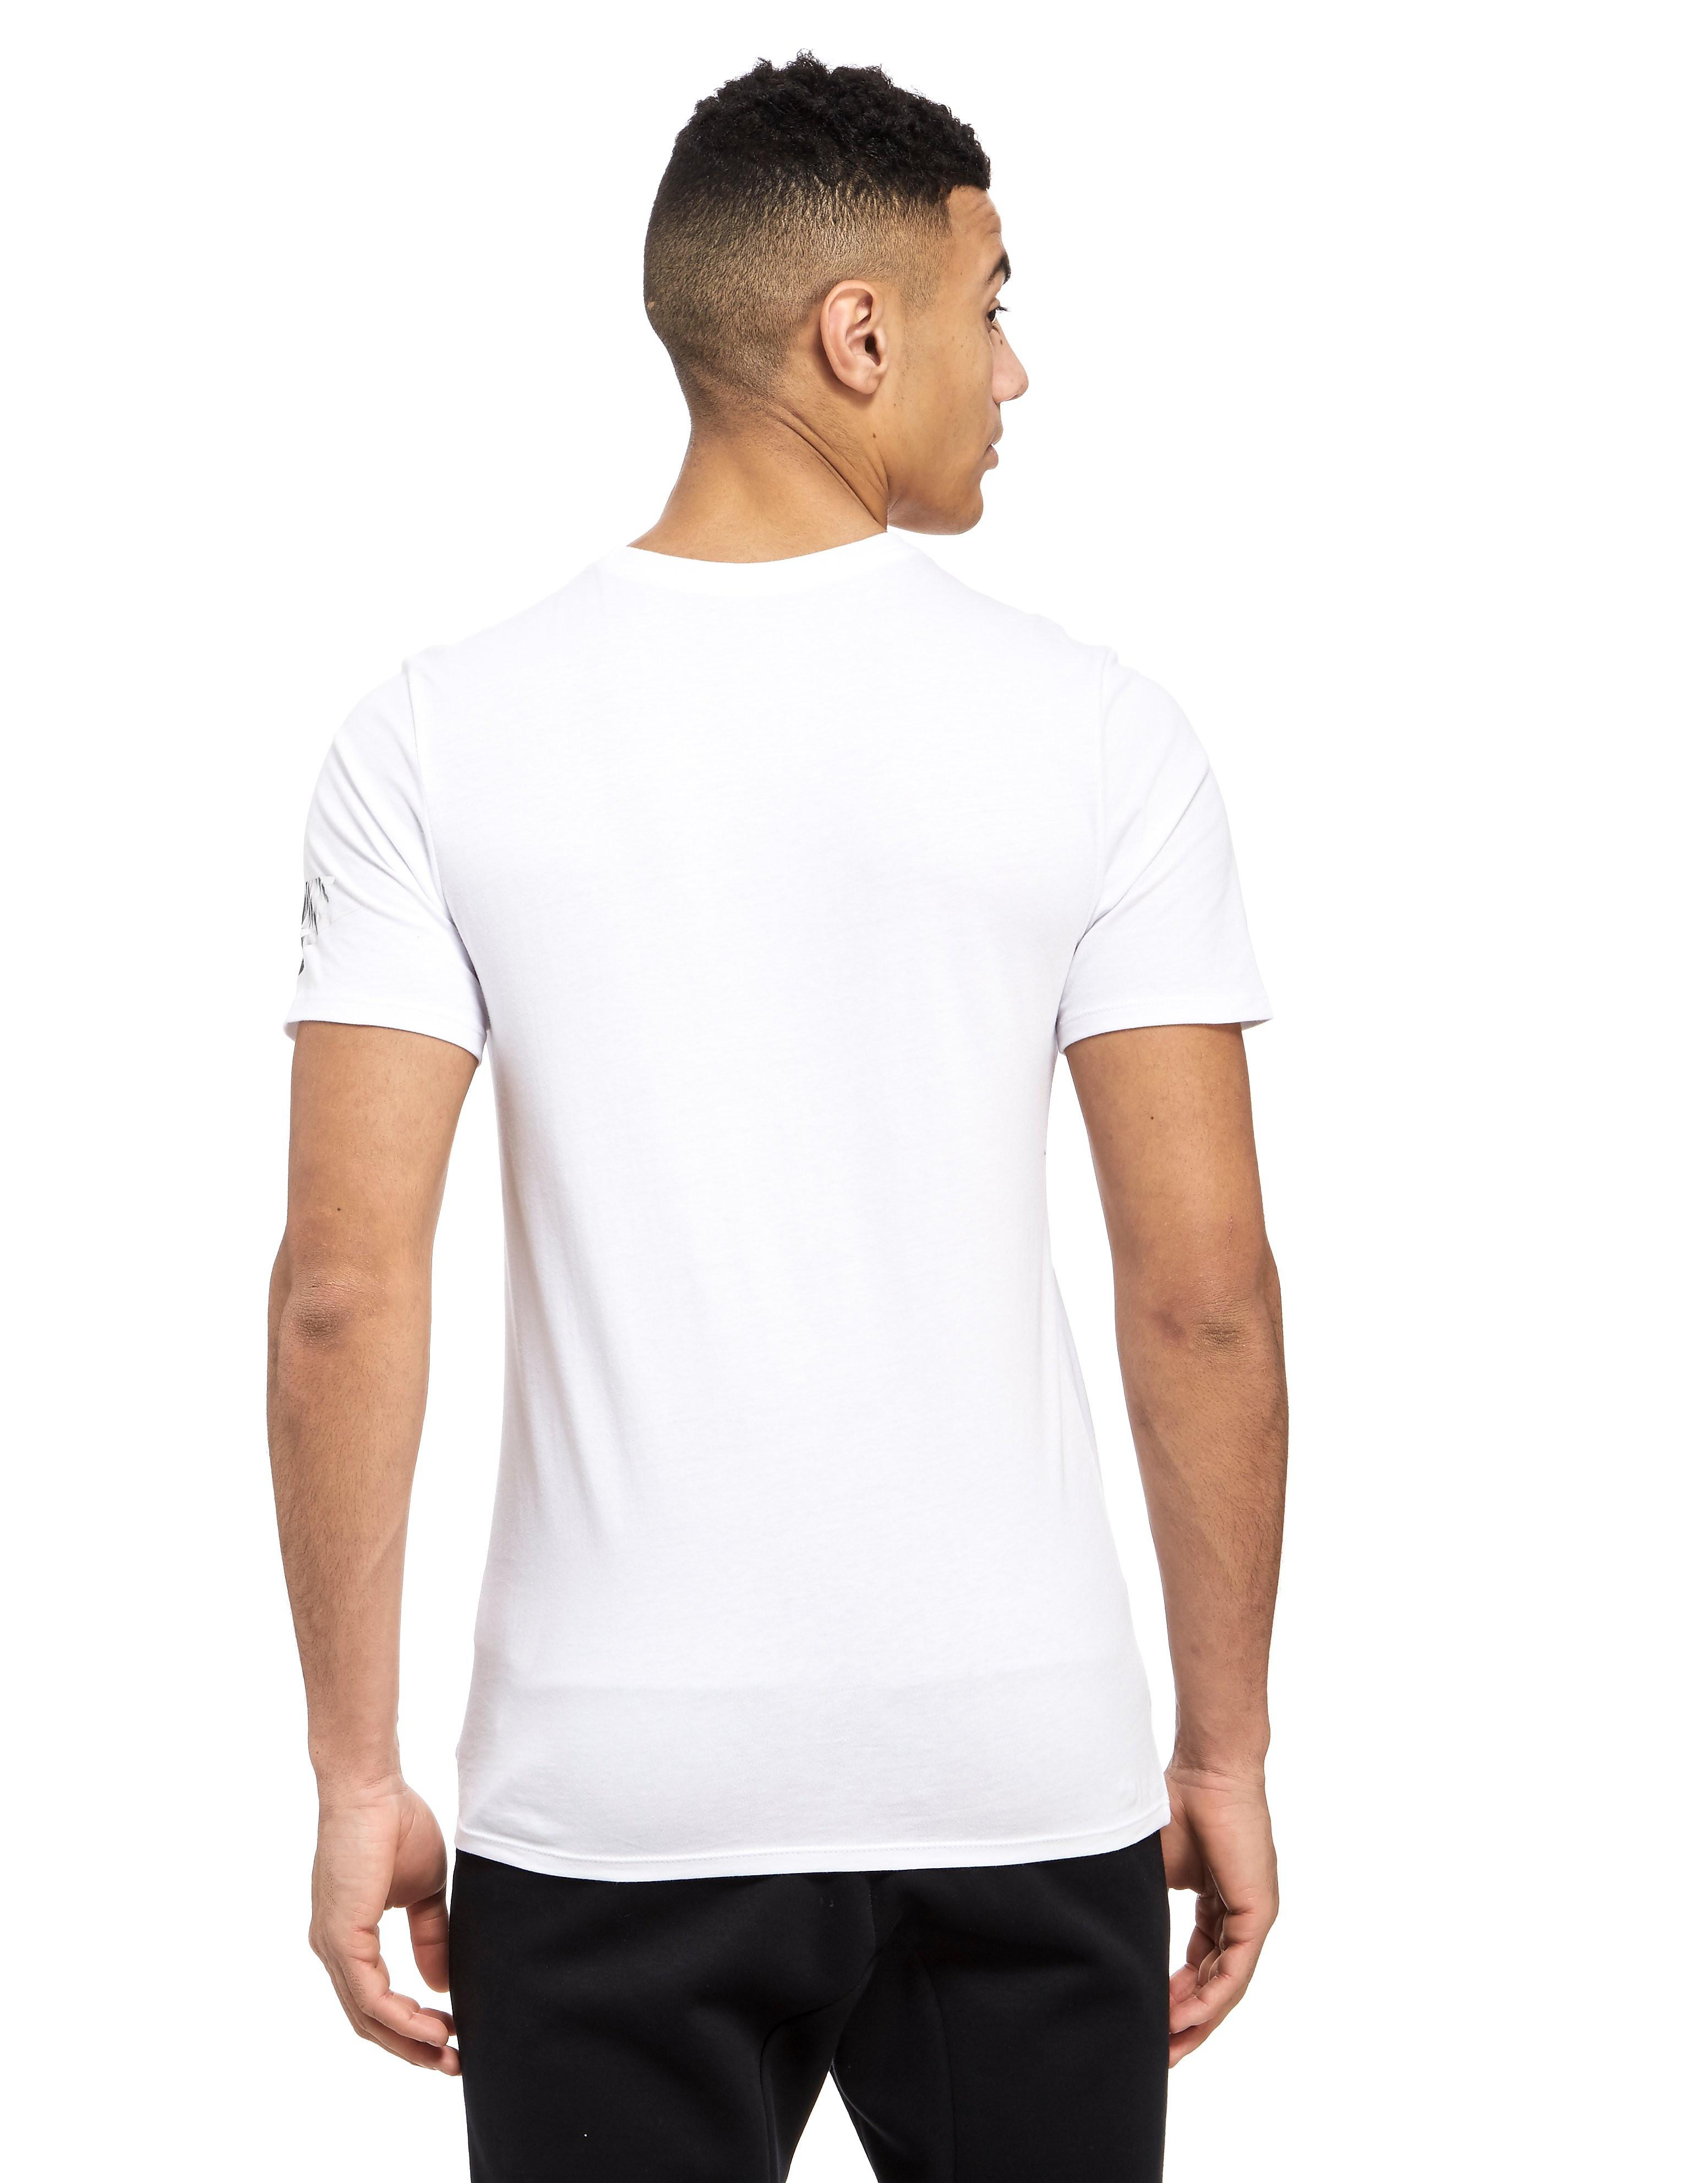 Nike Air Foil T-Shirt